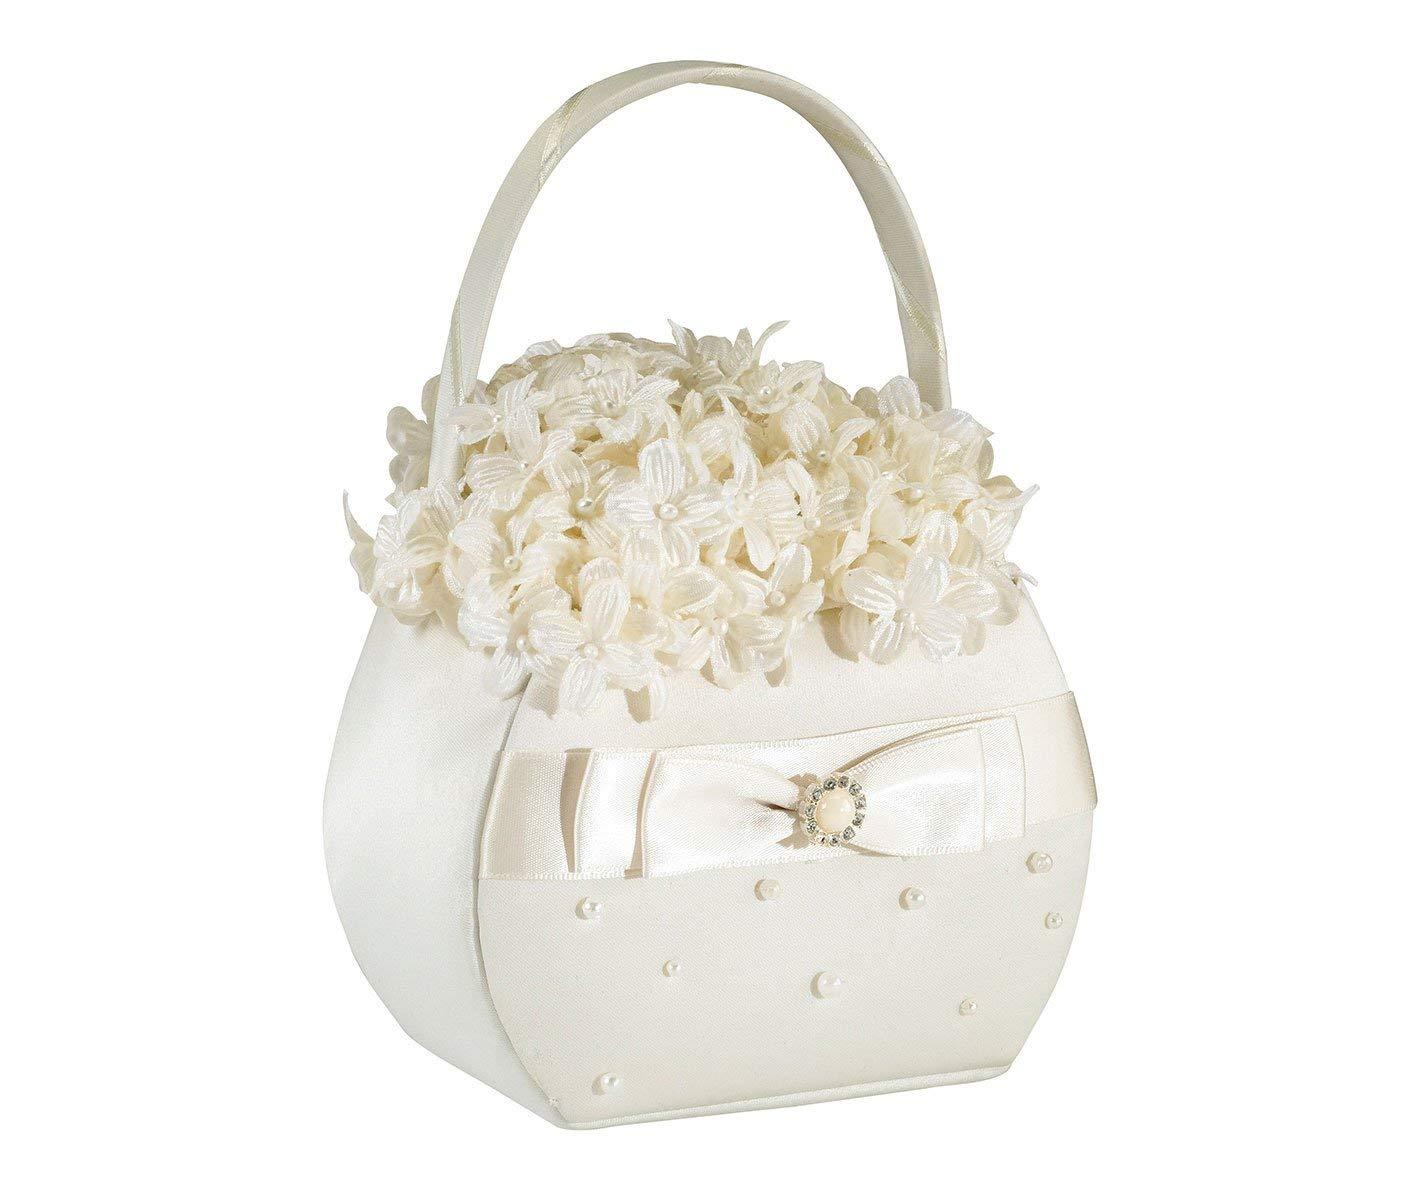 Cheap ivory flower basket find ivory flower basket deals on line at get quotations lillian rose elegant scattered pearl flower girl basket ivory izmirmasajfo